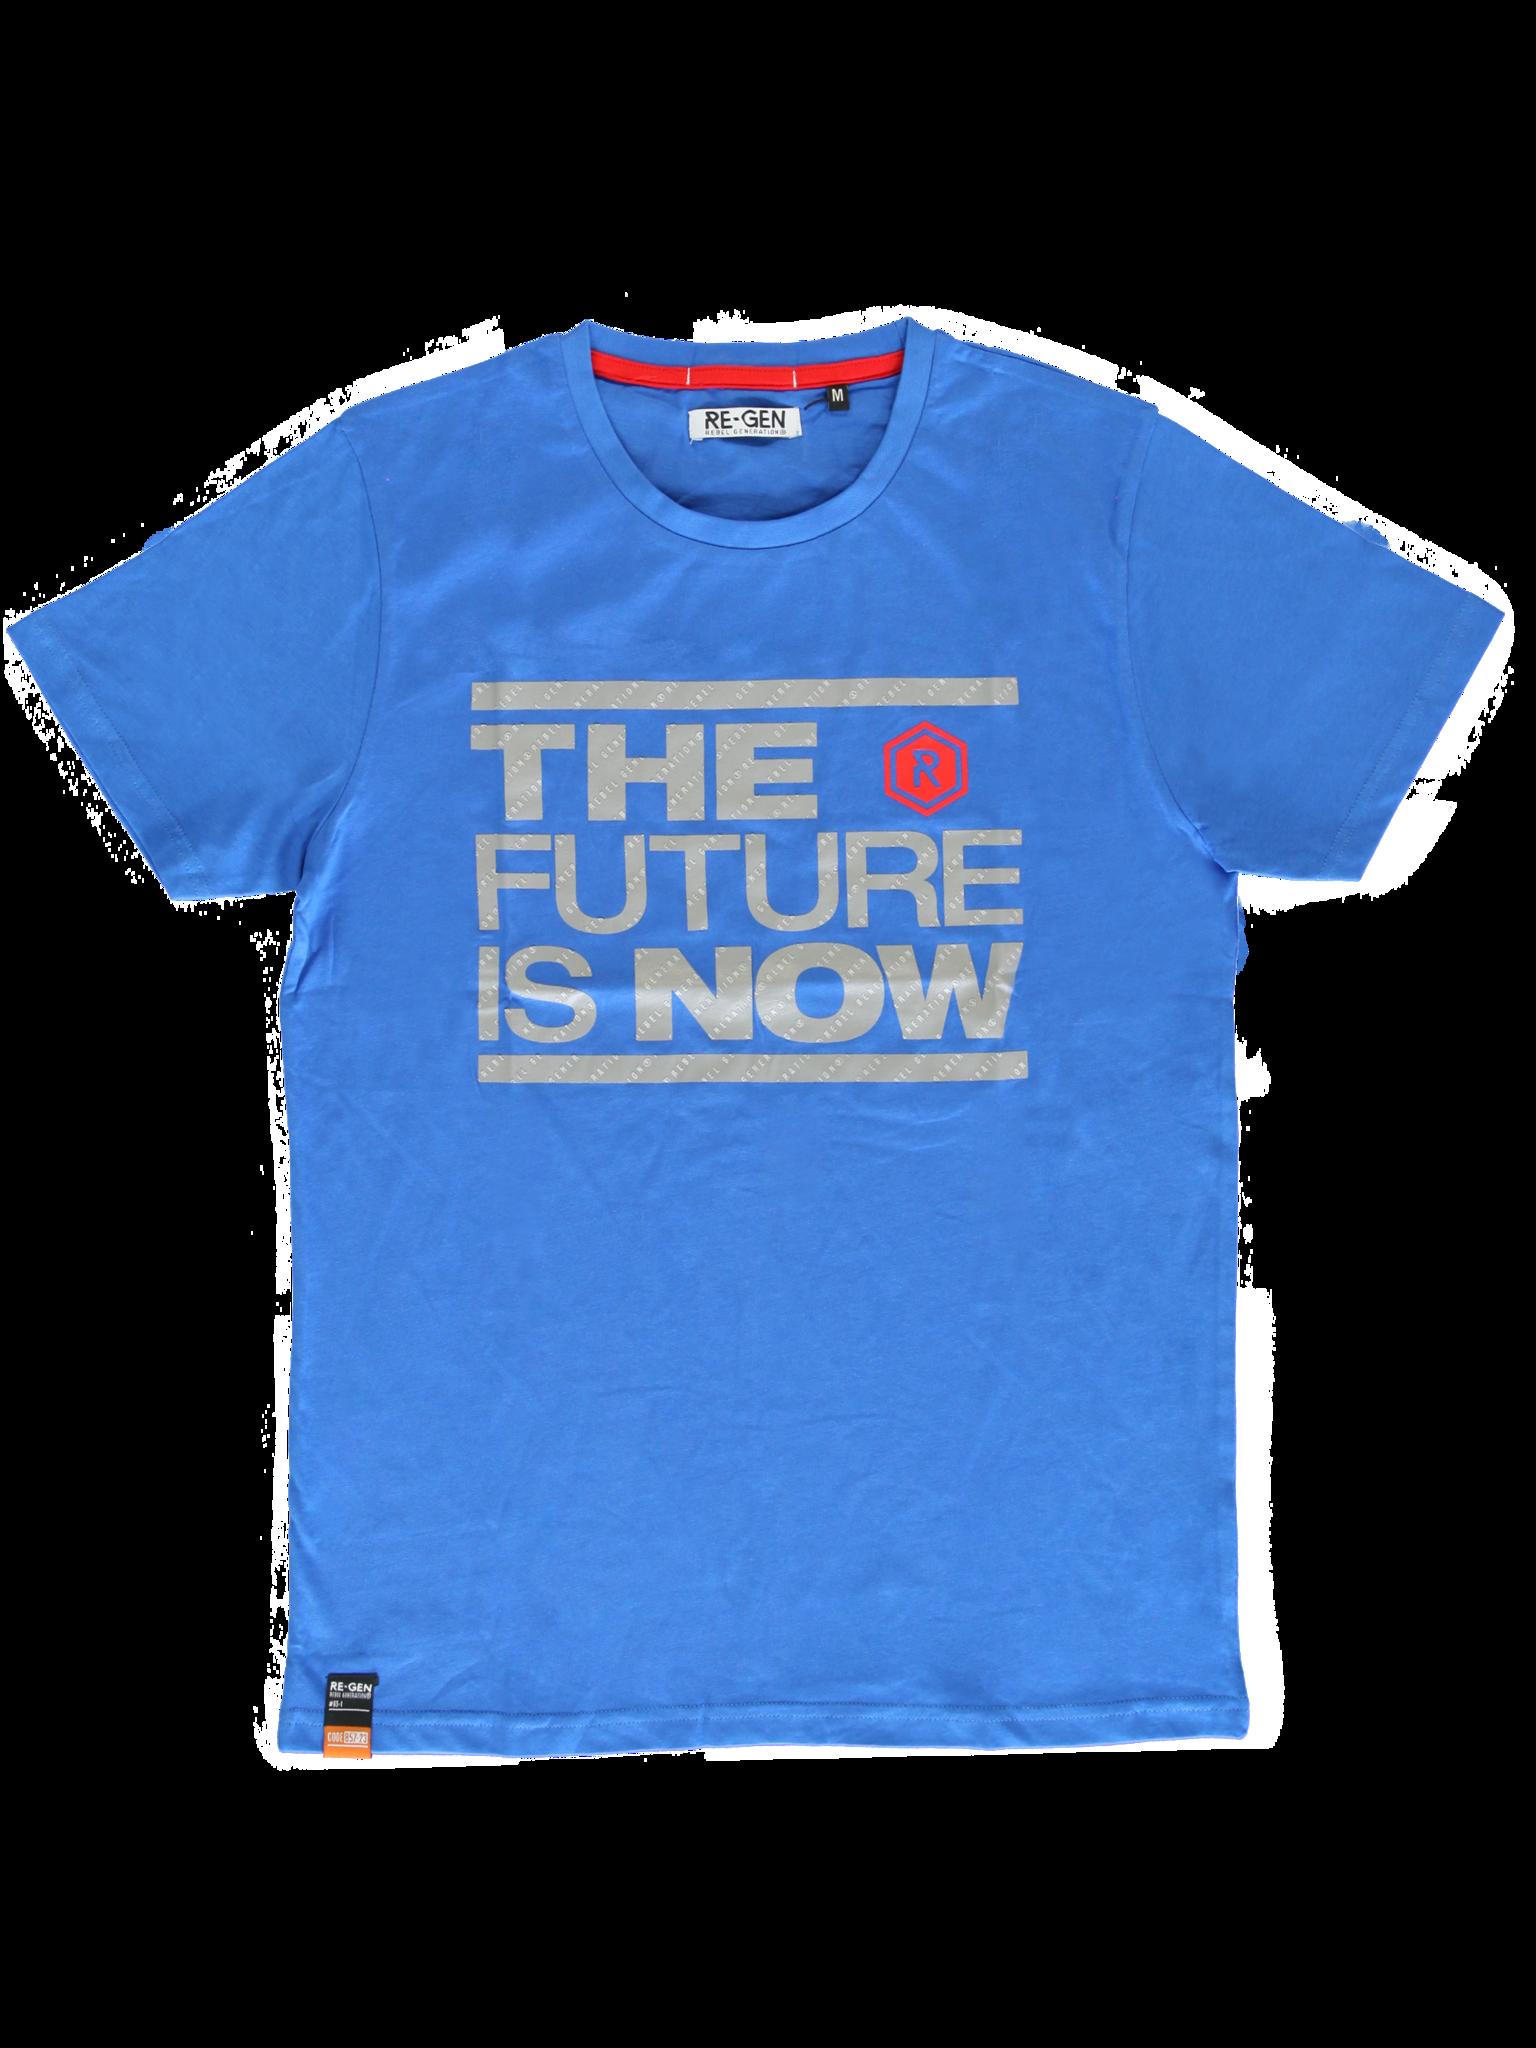 REGEN | Summer 2020 Men | T-shirt | 20 pcs/box